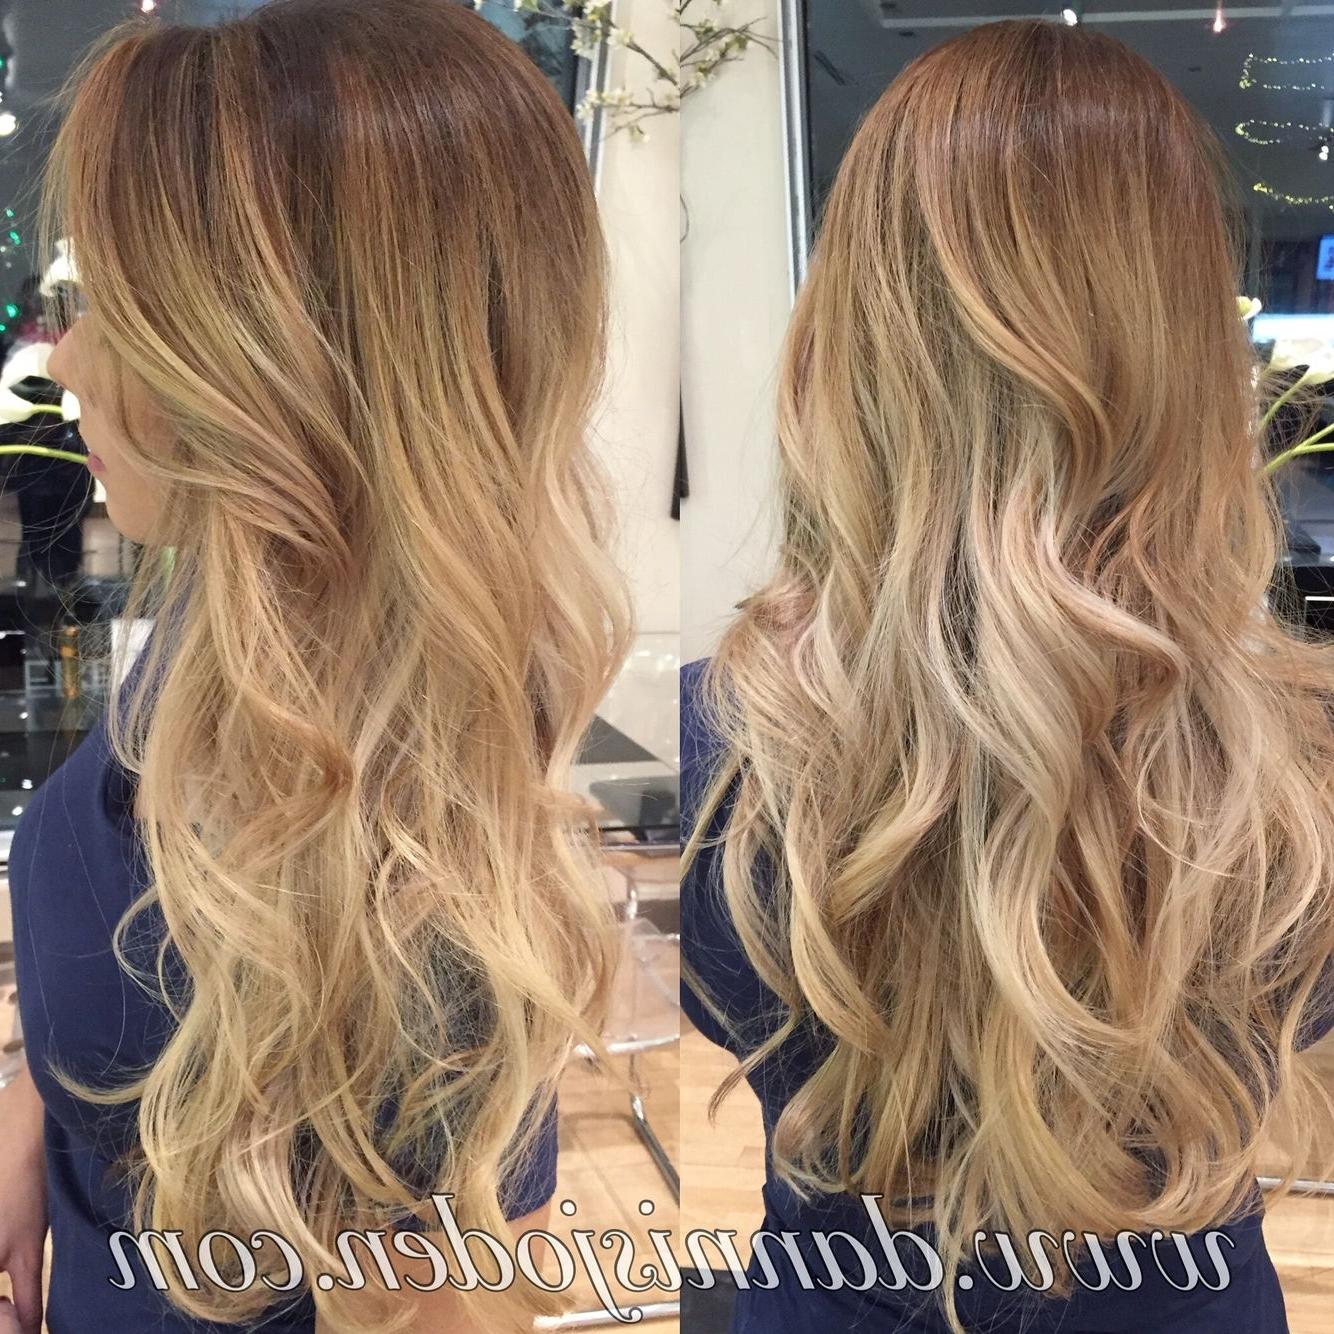 2017 Honey Hued Beach Waves Blonde Hairstyles Inside Bright Honey Blonde Balayage And Beach Waves (View 5 of 20)